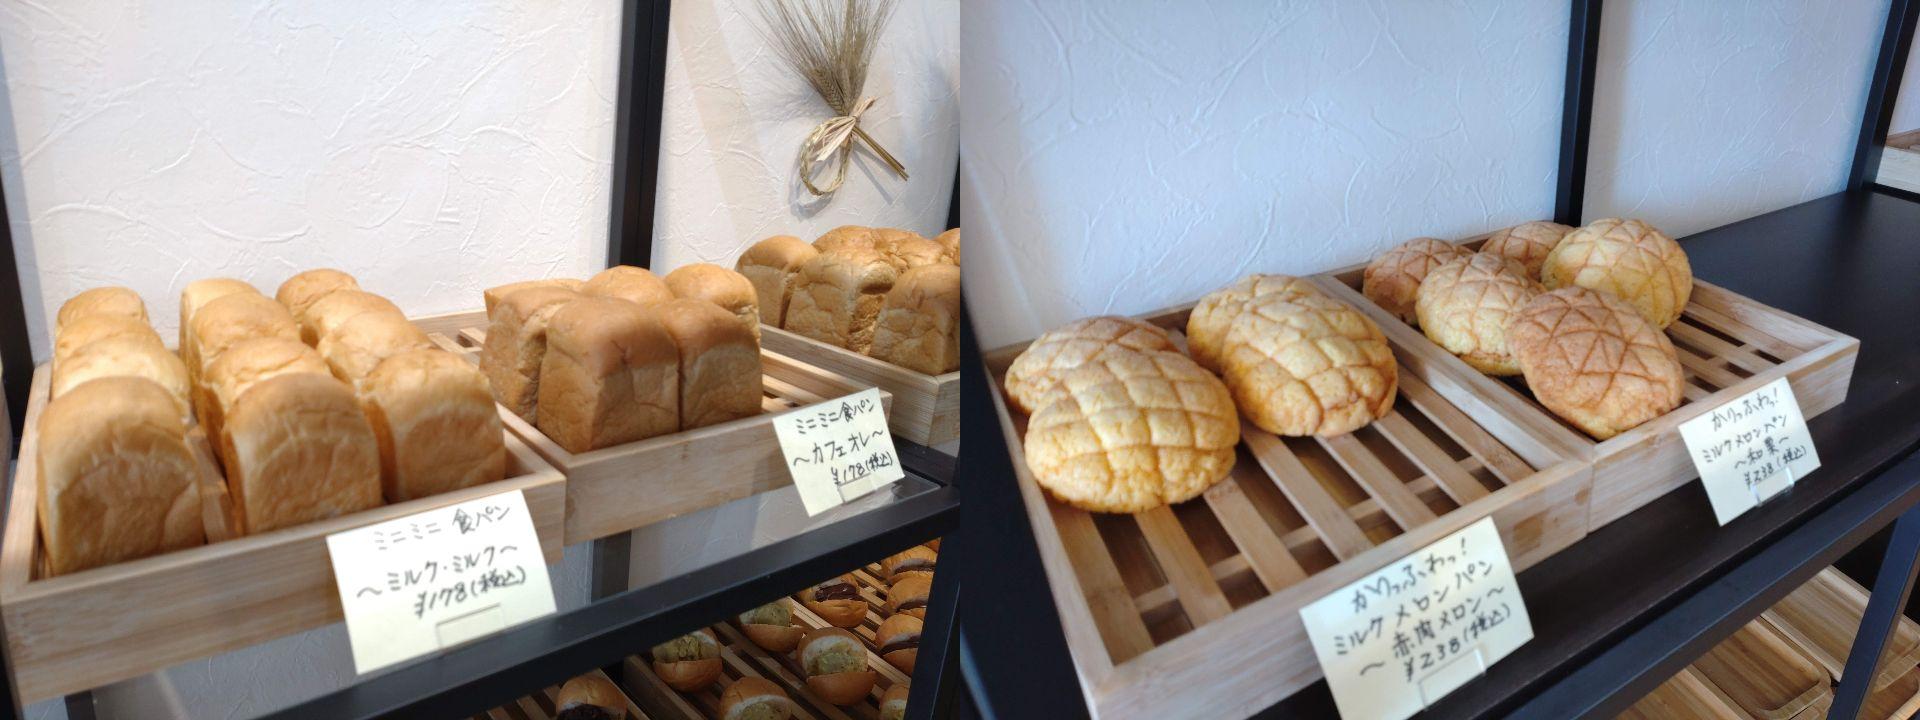 ミニミニ食パン(178円税込)/かりふわミルクメロンパン(238円税込)